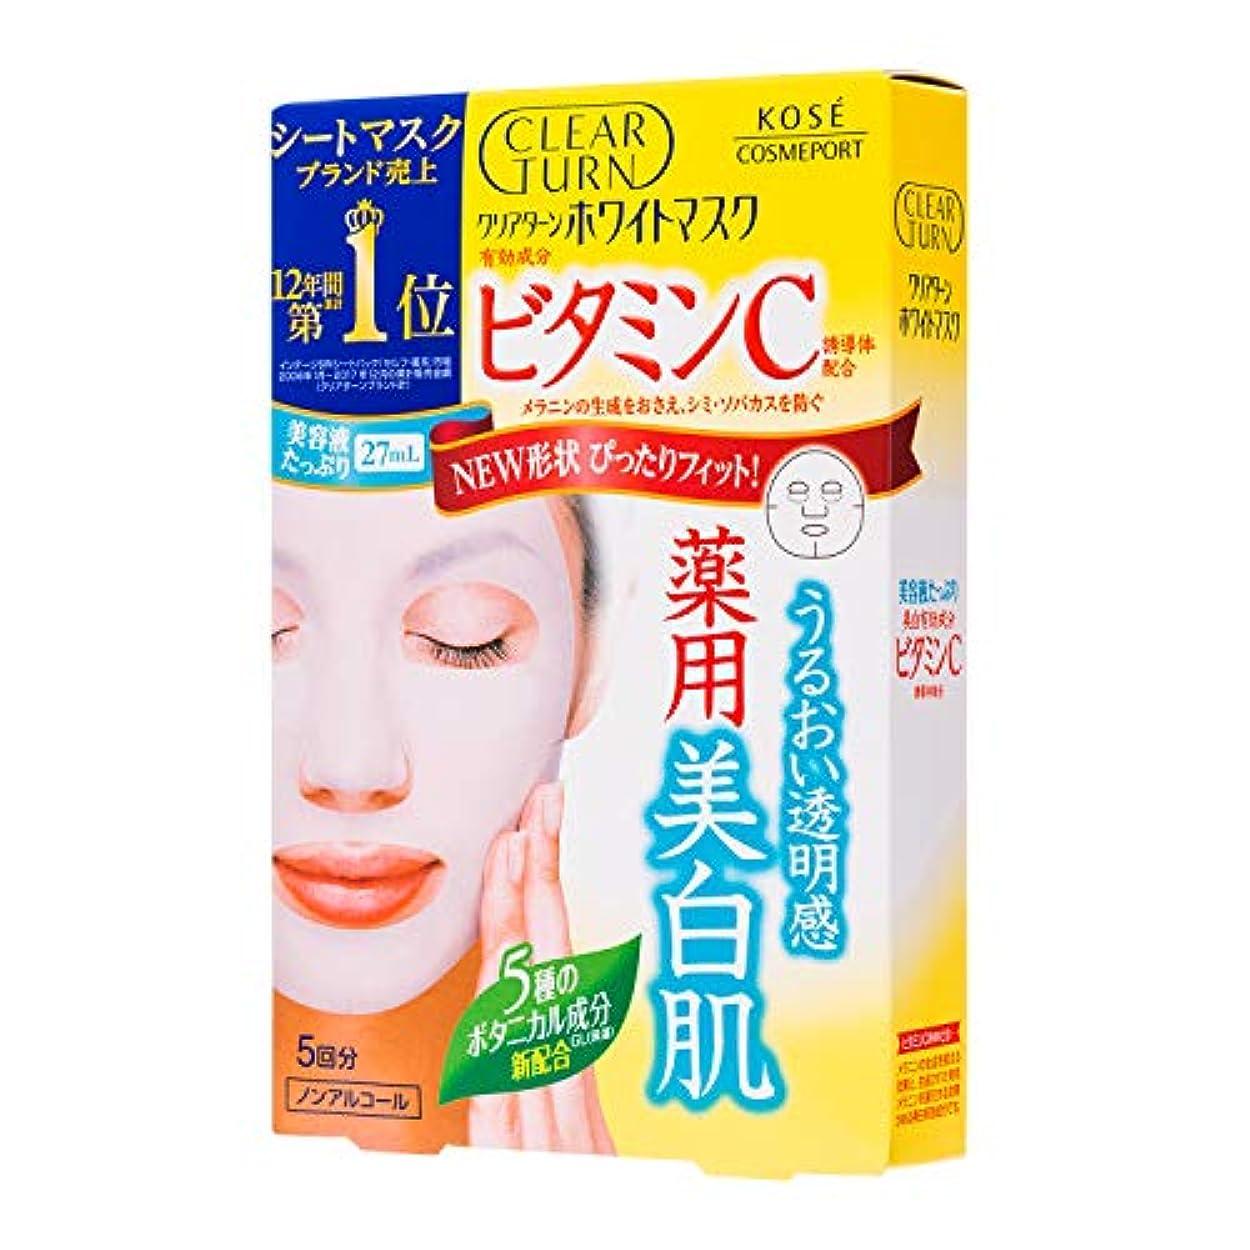 拍手月ボイドKOSE コーセー クリアターン ホワイト マスク VC (ビタミンC) 5枚 フェイスマスク